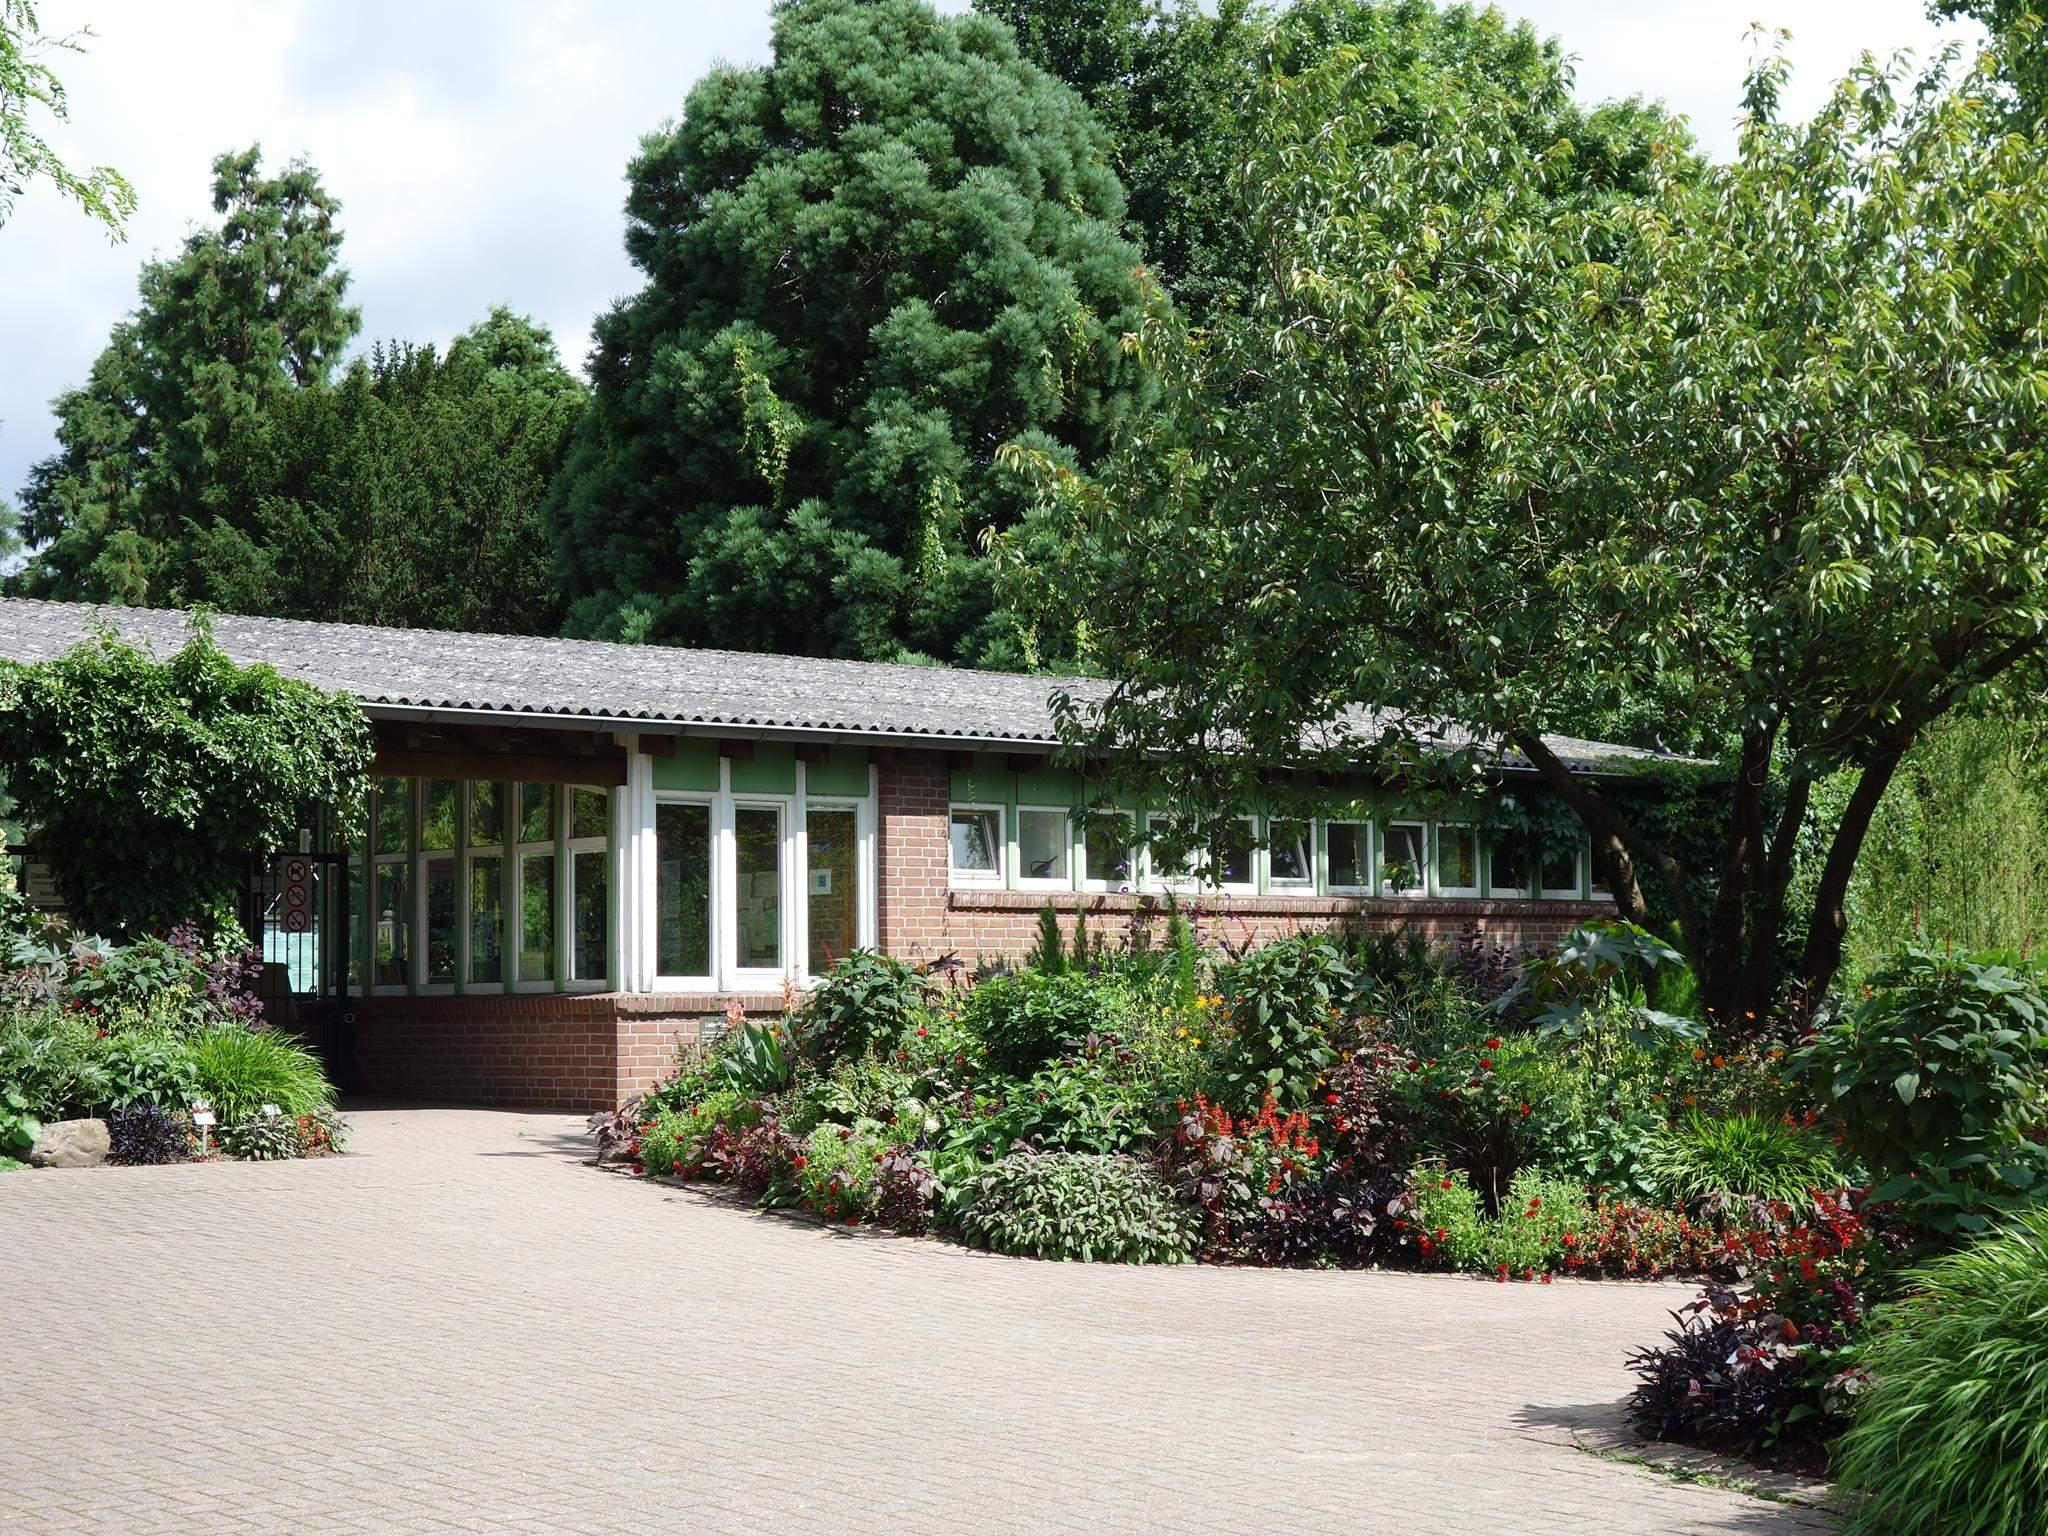 Botanischer Garten Hamburg Genial Eintritt Frei Wildkräuterrundgang Loki Schmidt Garten